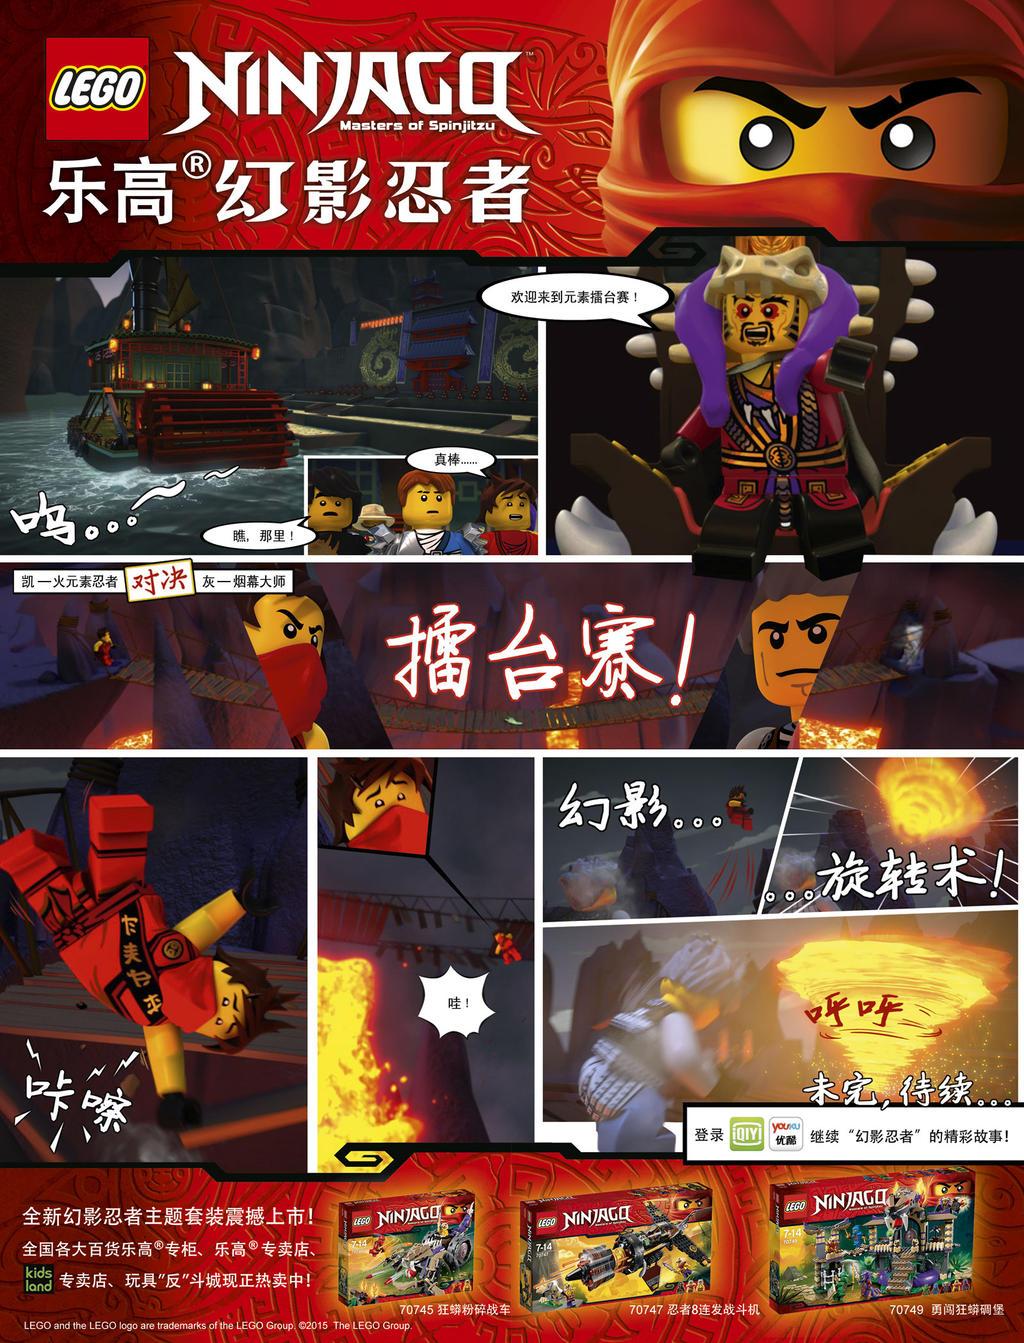 Ninjago-Ad-Apr-Issue3 by mosuga